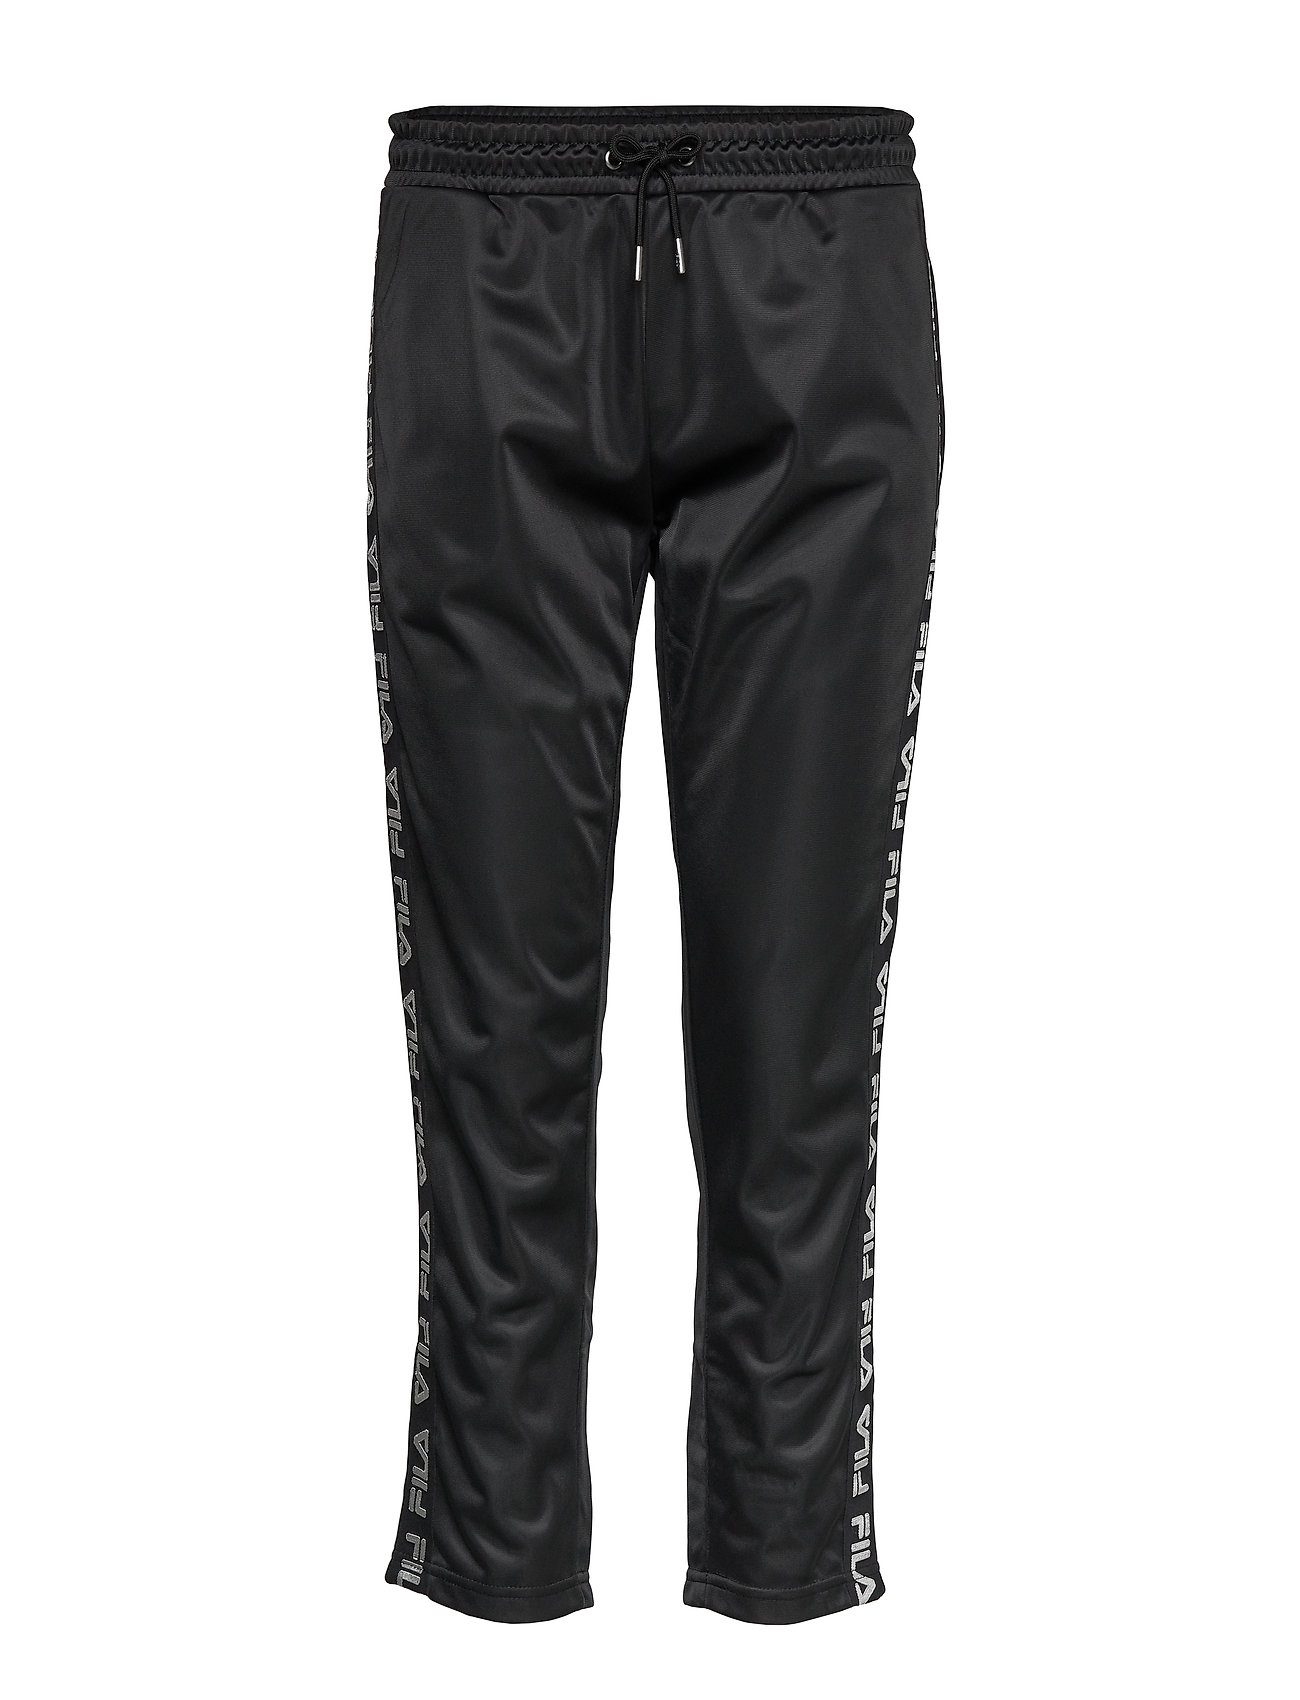 FILA WOMEN PADMA cropped pants - 002-BLACK